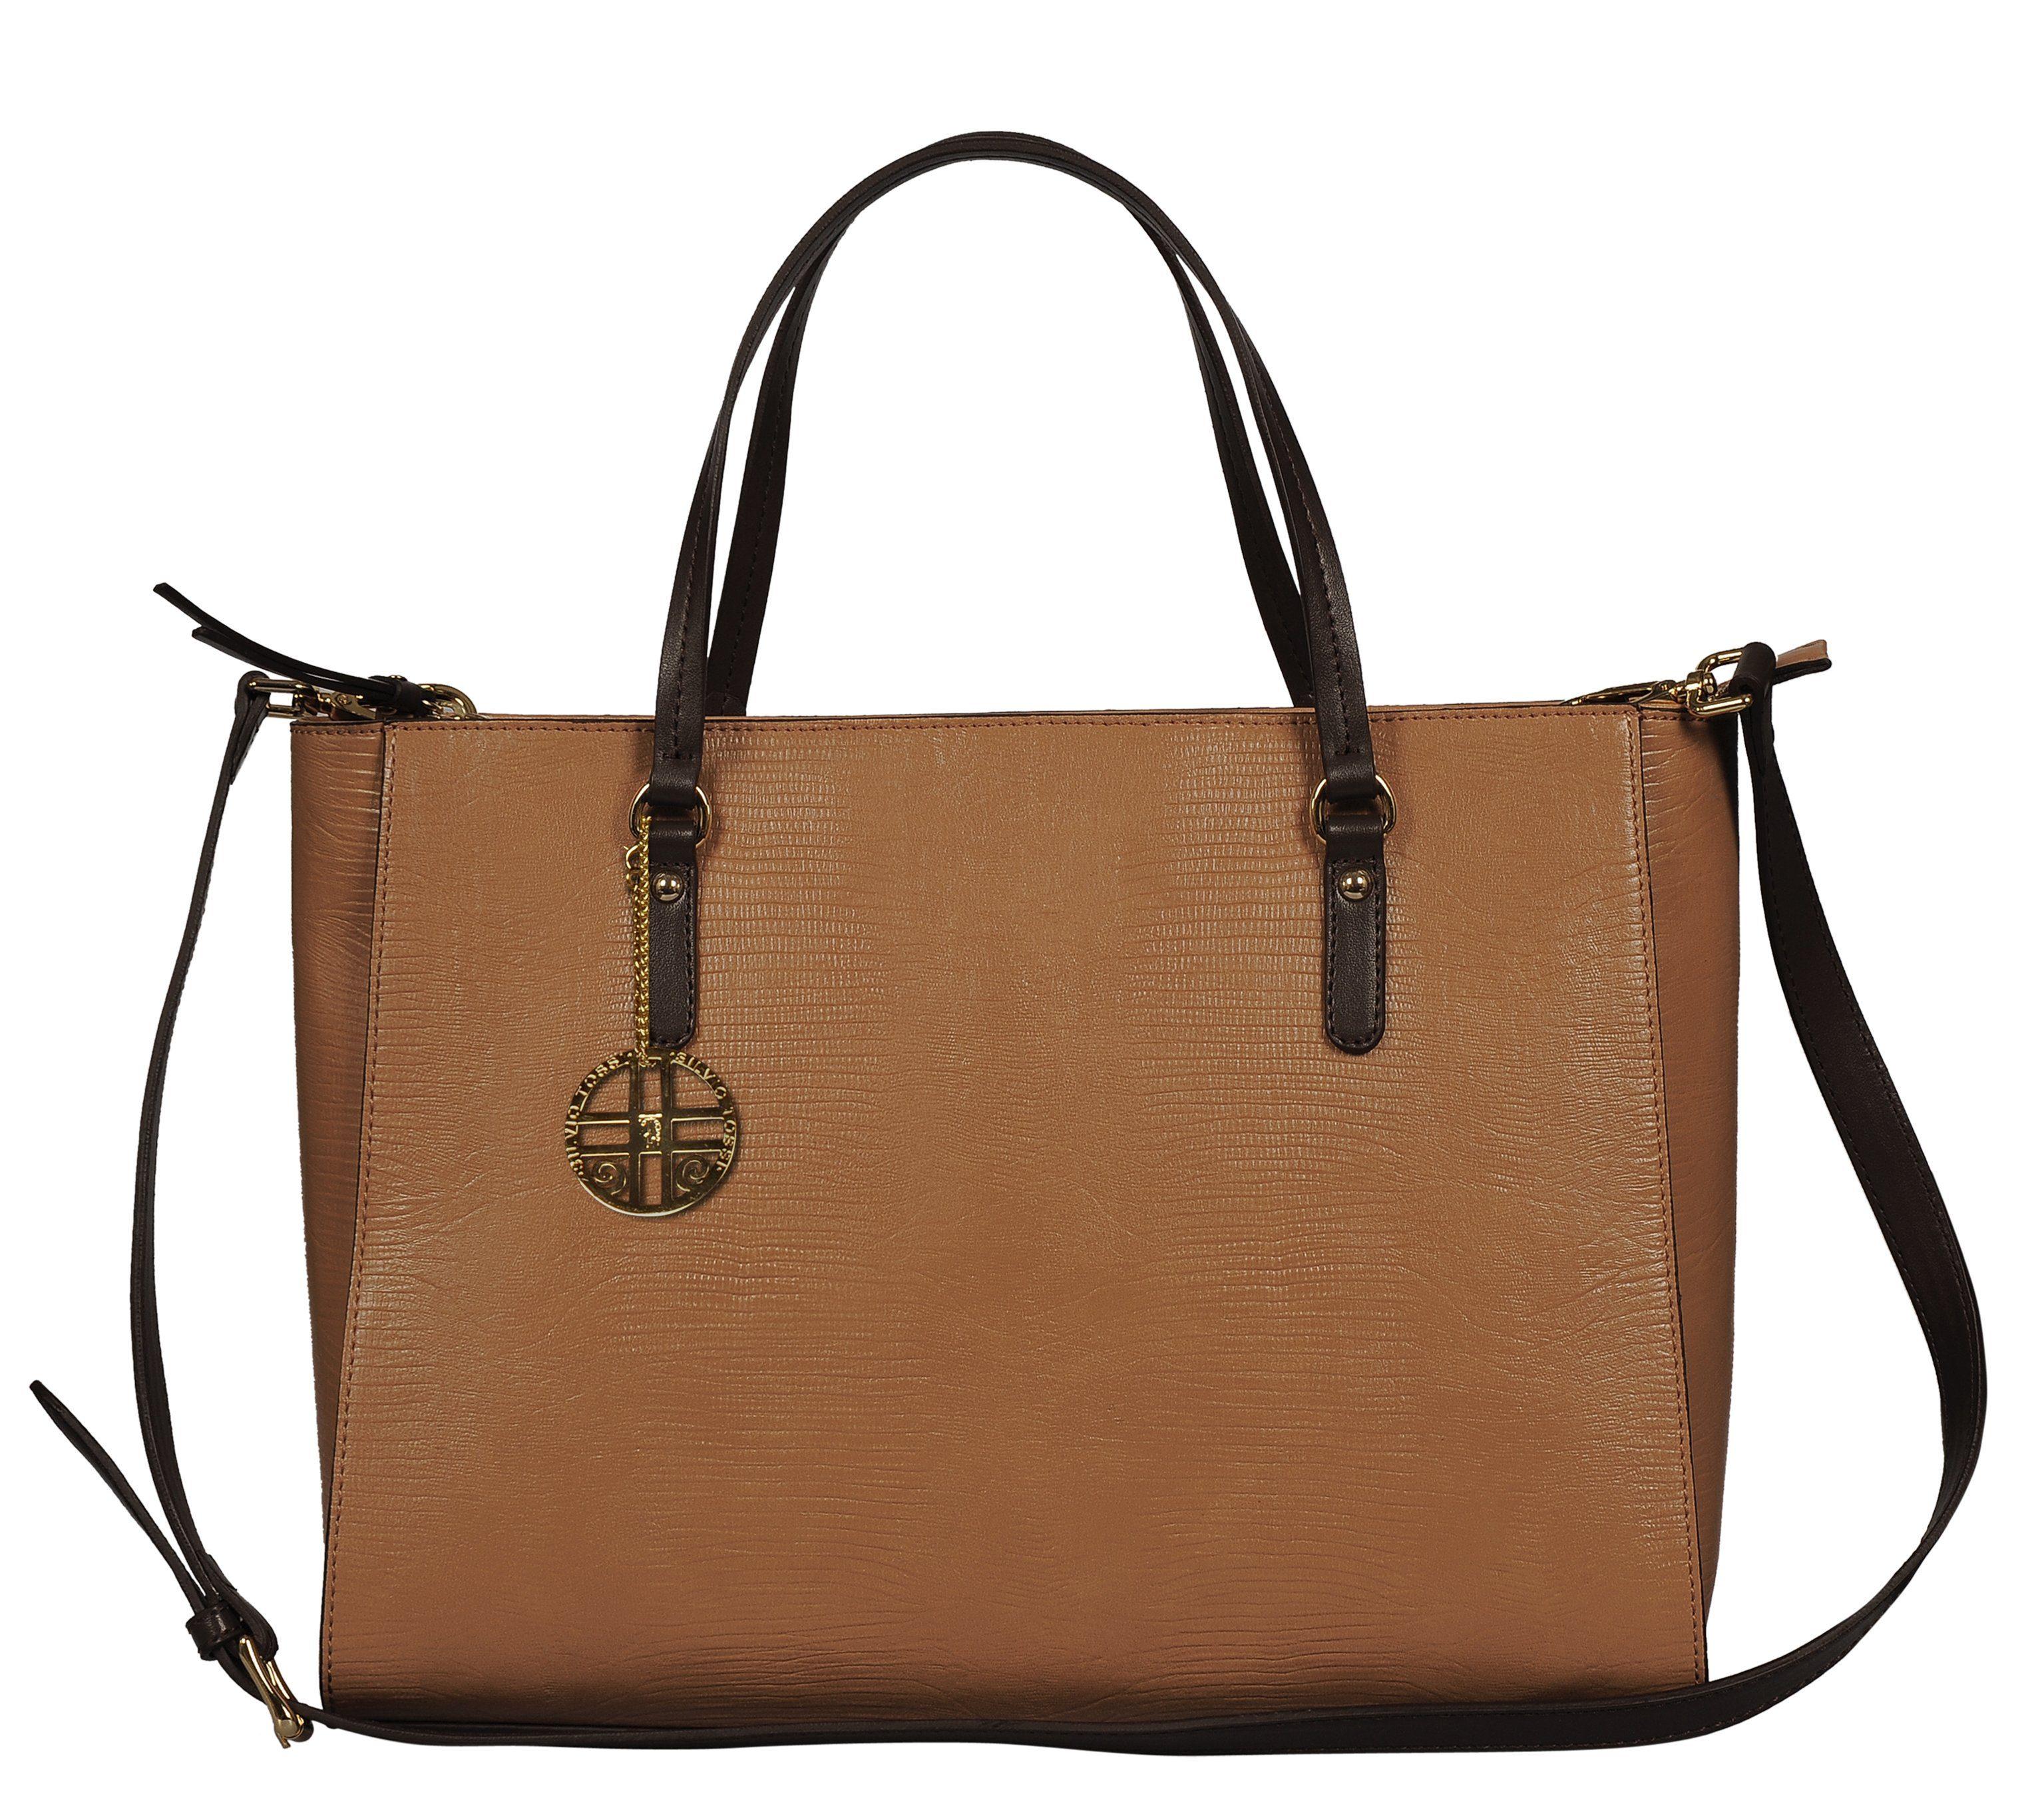 Silvio Tossi Lederhandtasche im Echsen-Design mit Markenanhänger